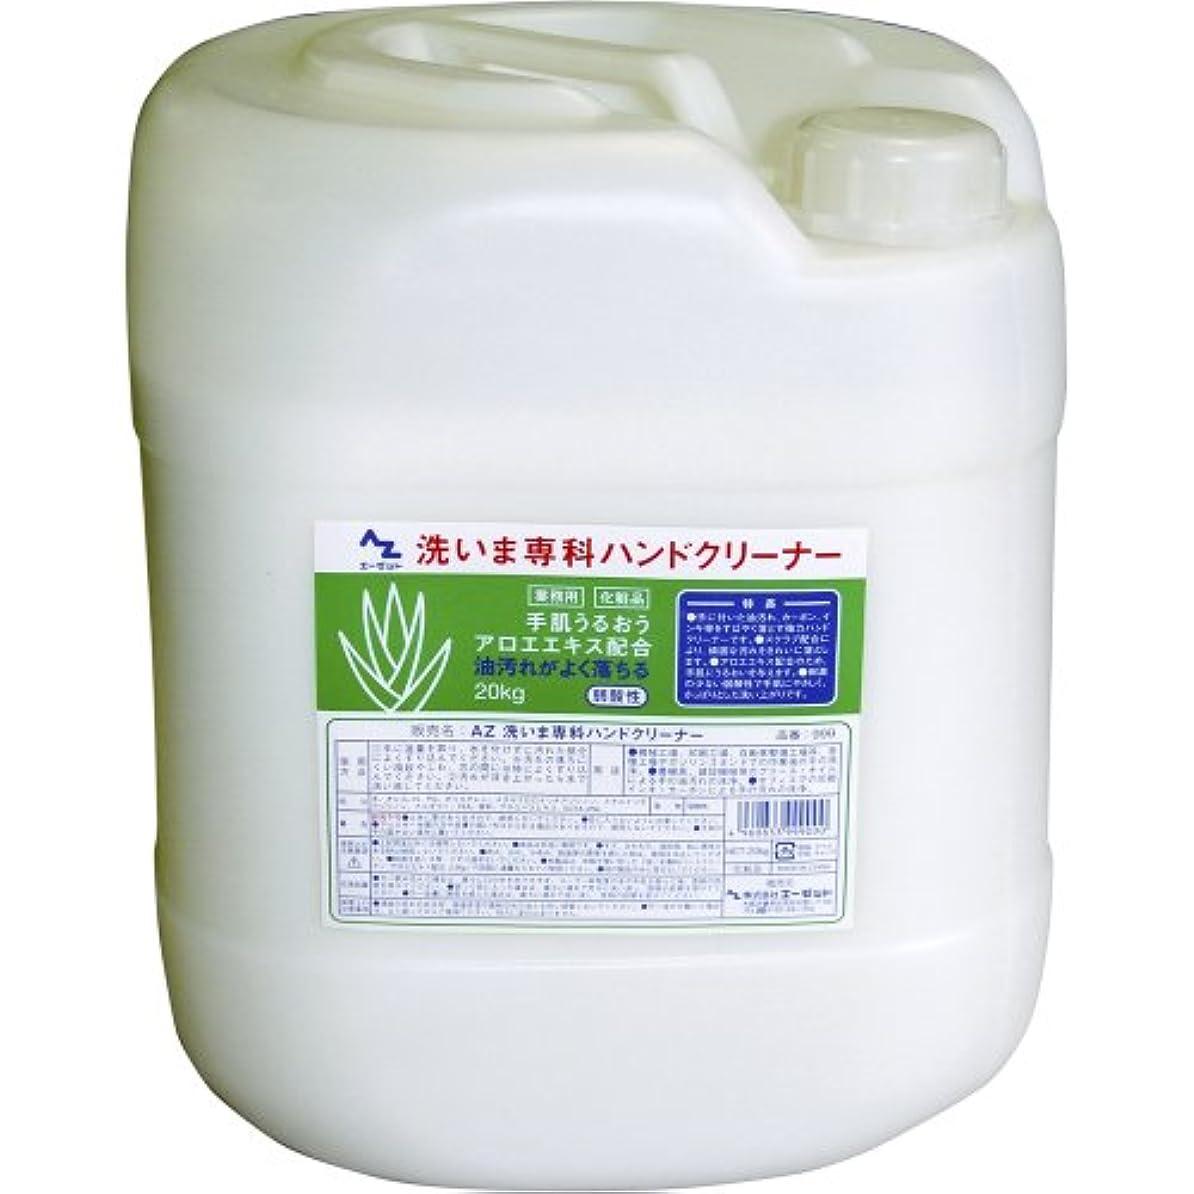 開梱歌従事したAZ(エーゼット) ハンドクリーナー 洗いま専科 20kg アロエ?スクラブ 配合 手肌に優しい〔手洗い洗剤〕(999)